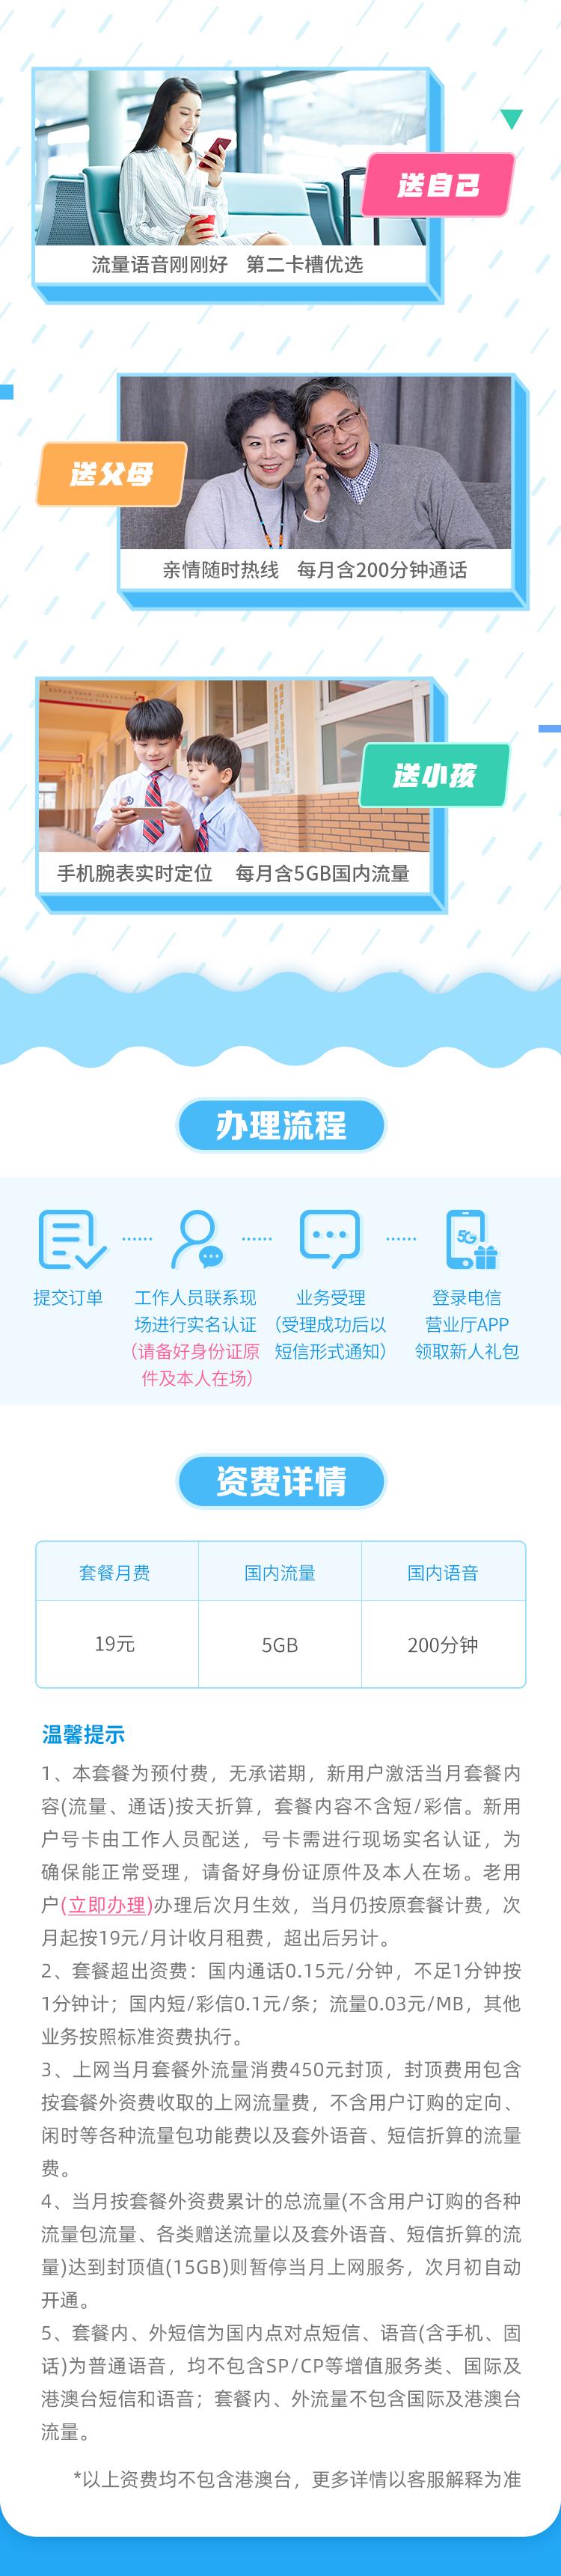 海量卡-新用户配送-1_02.jpg